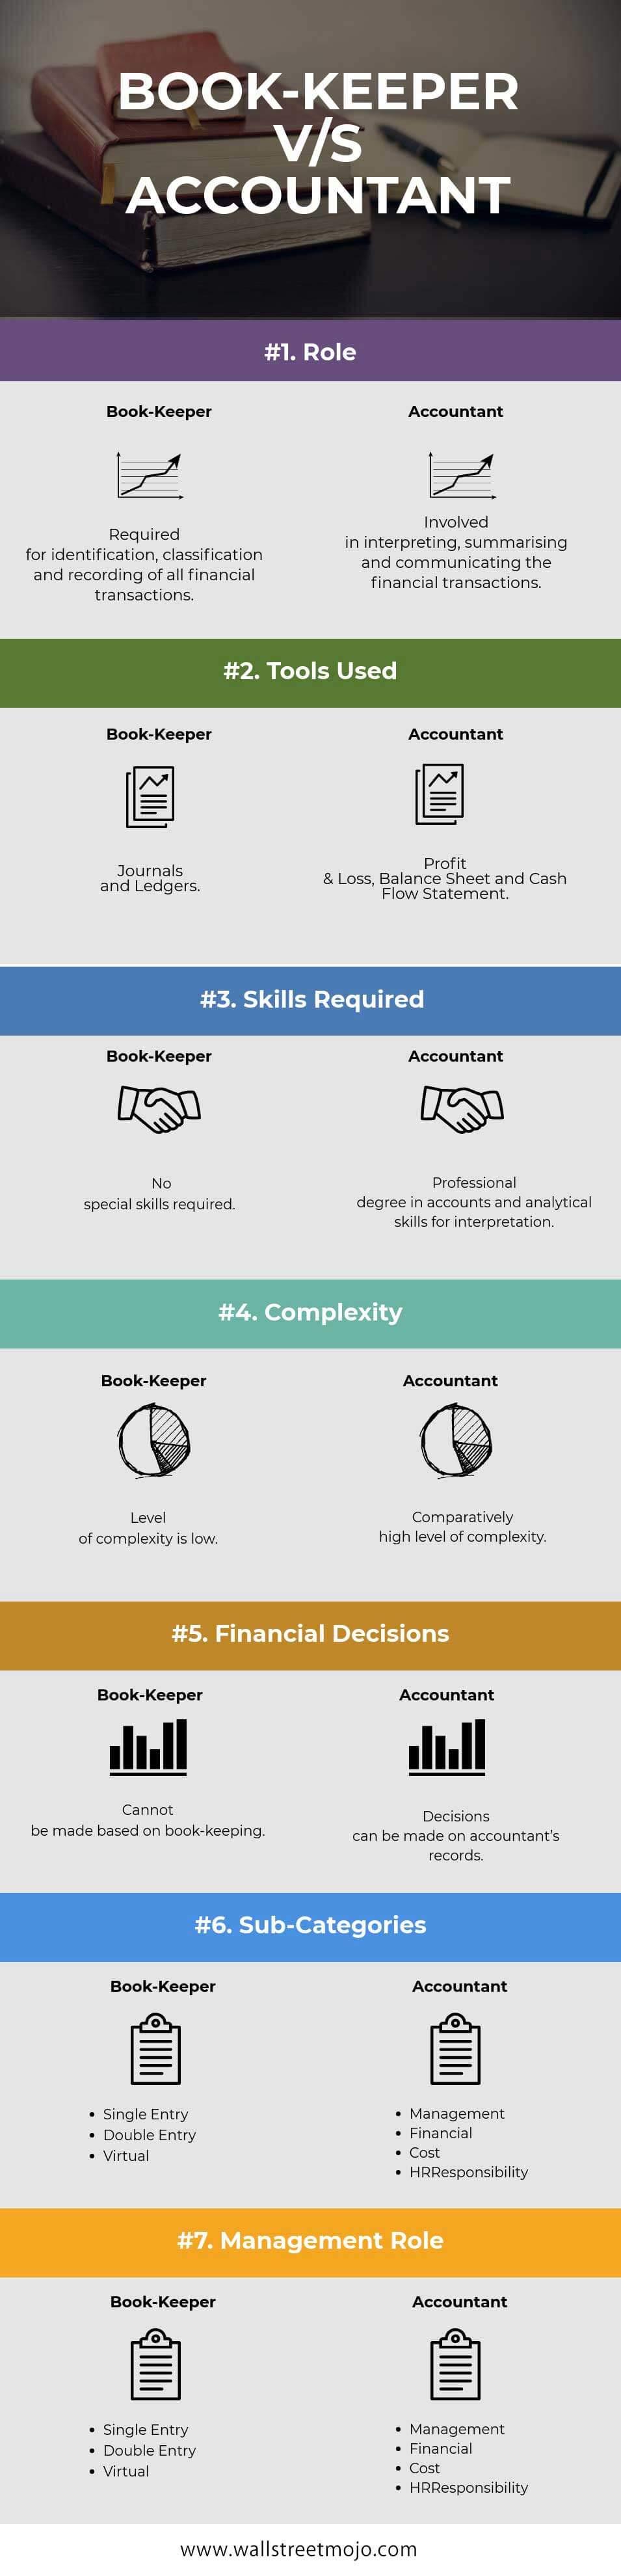 Bookkeepers vs Accountants